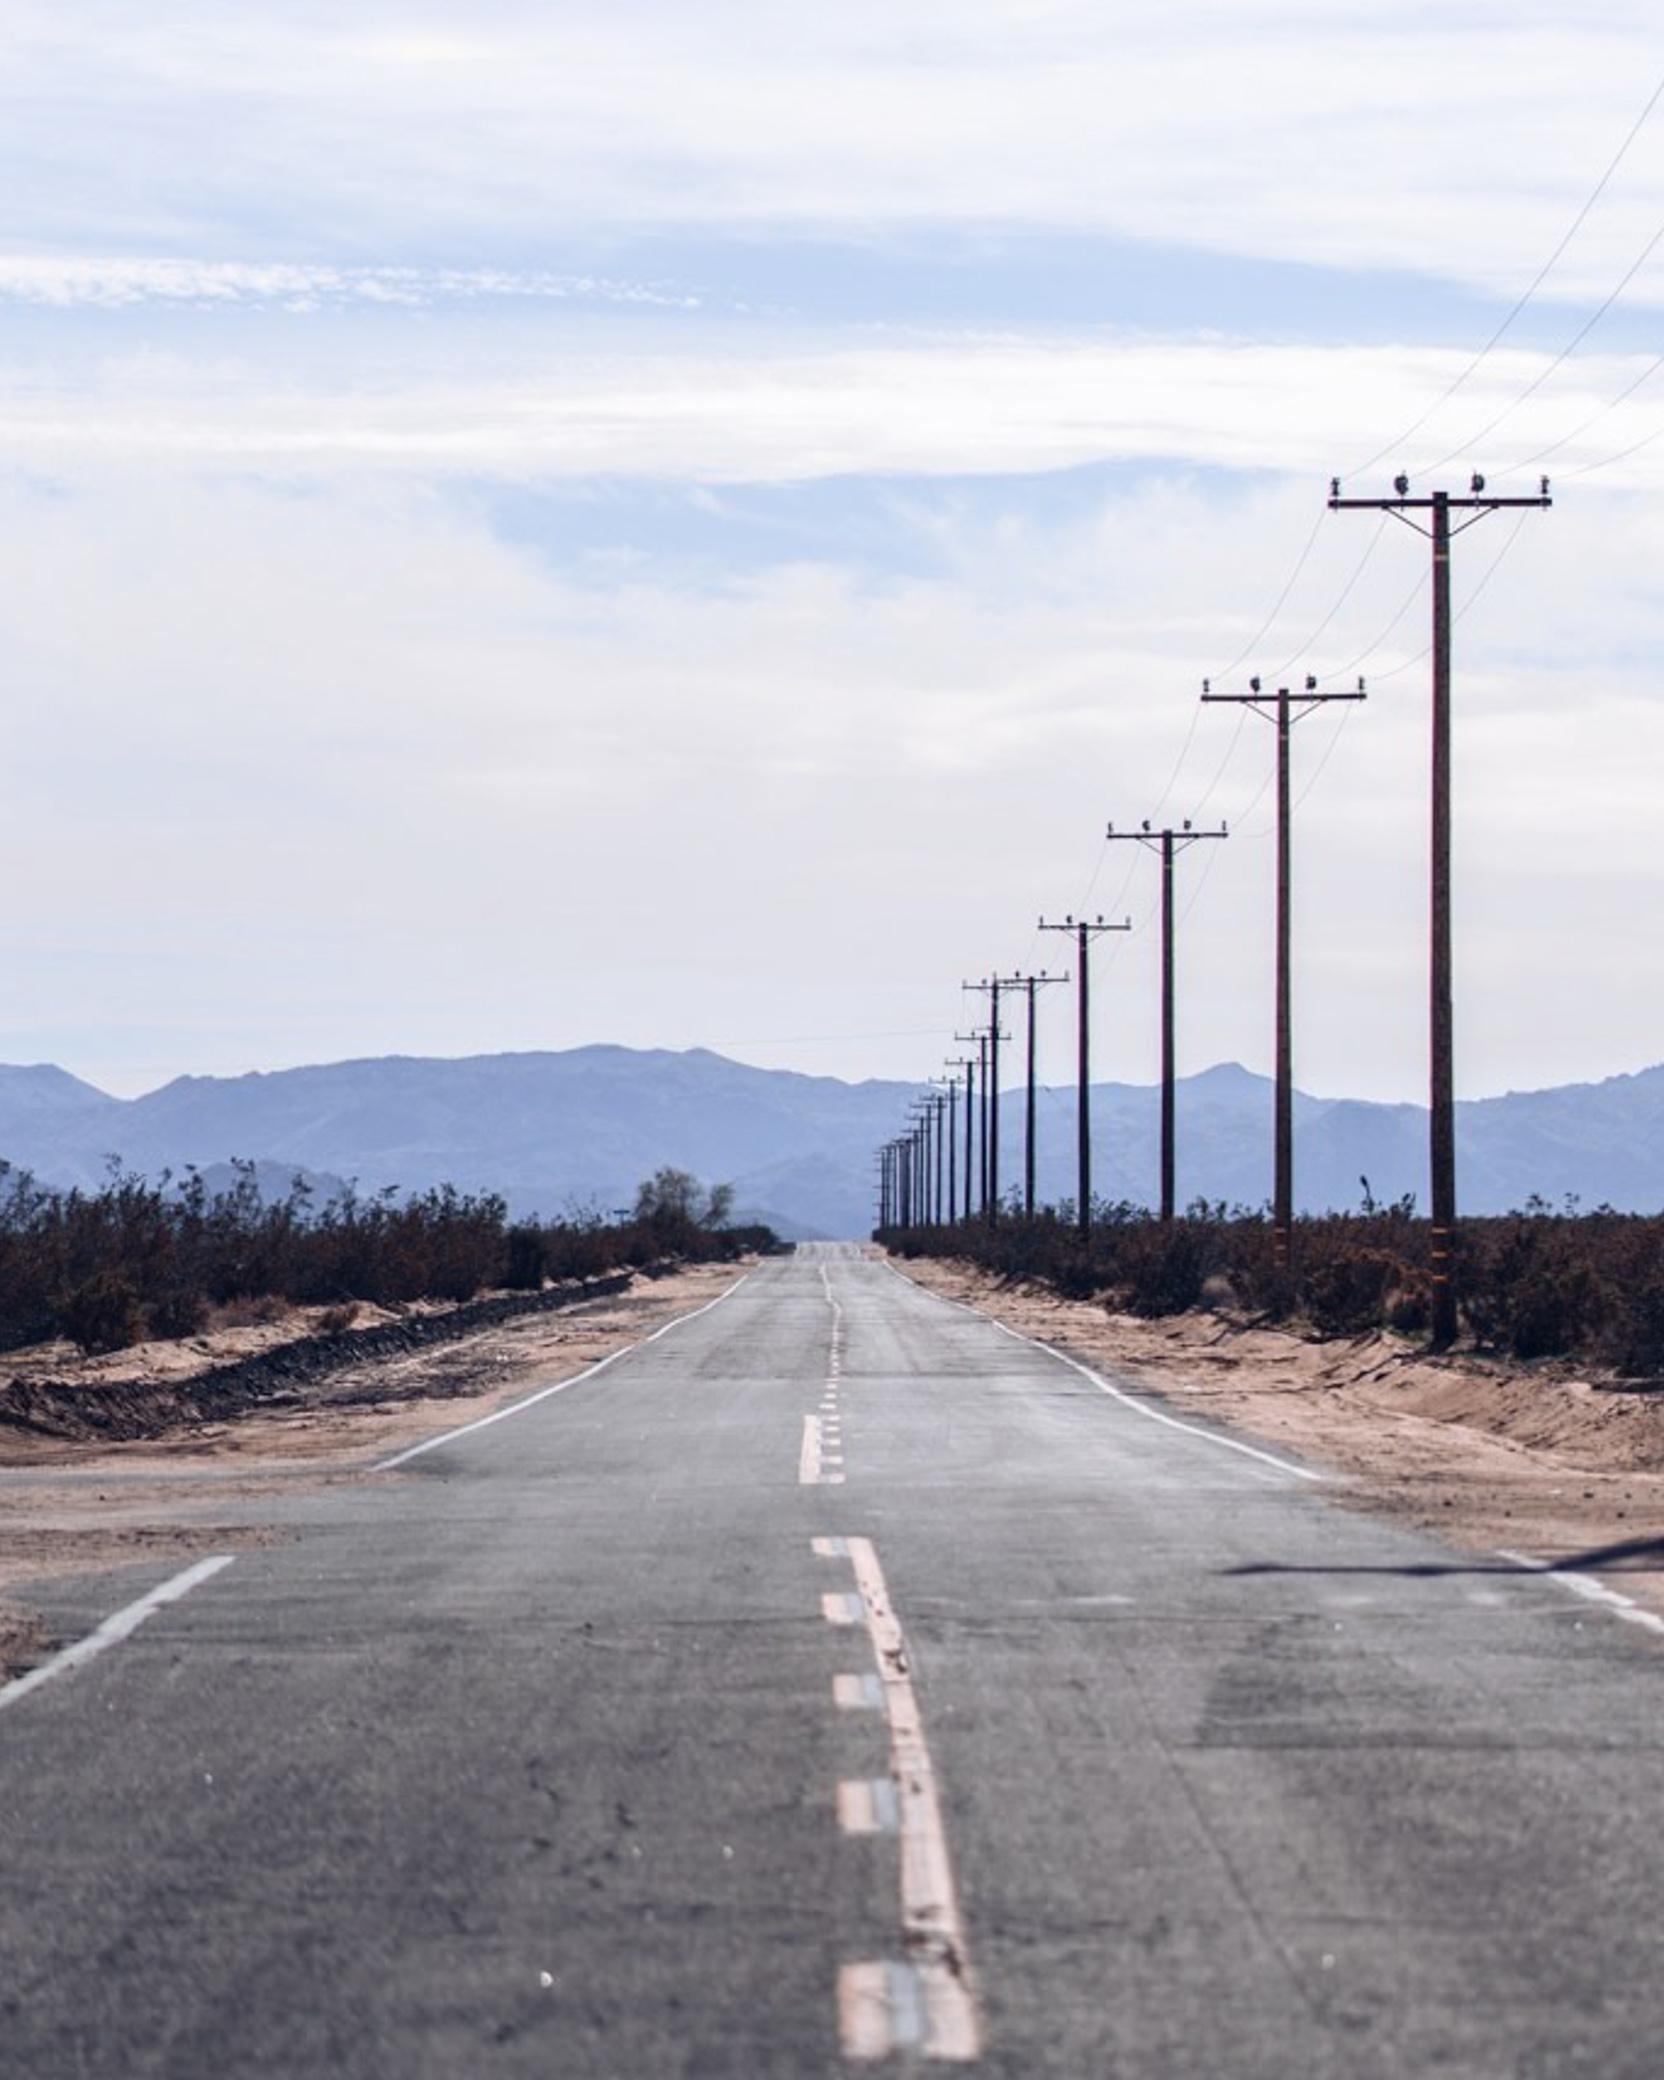 Wide open roads